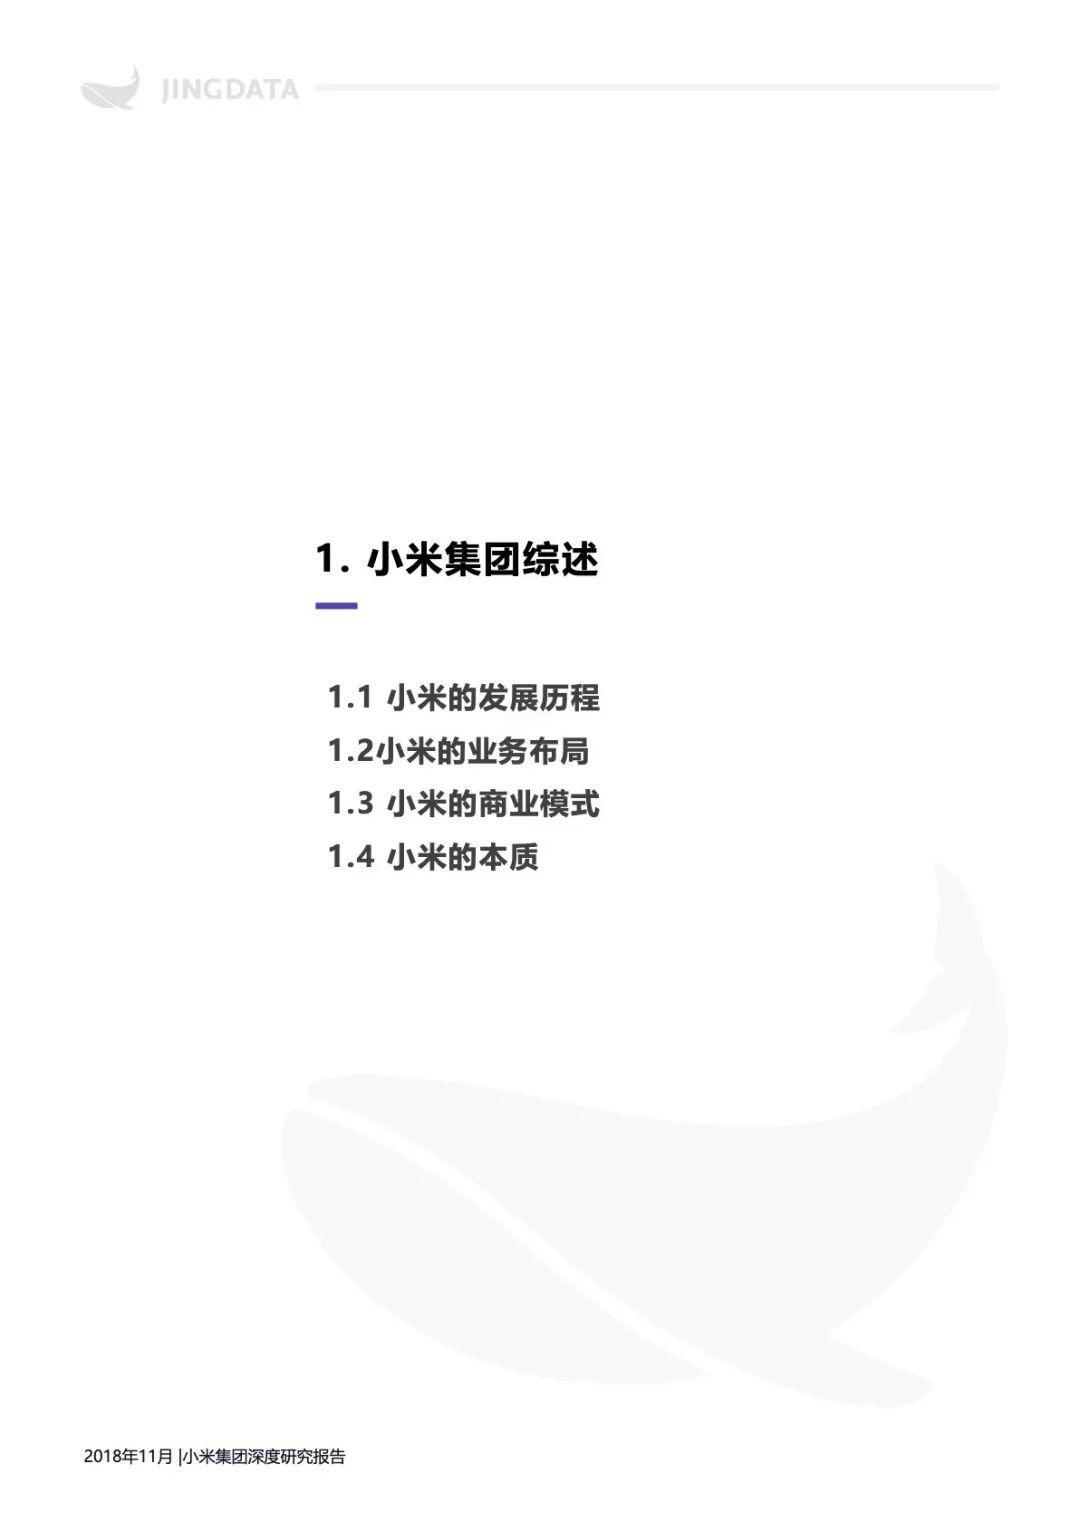 鲸准研究院:小米集团深度研究报告